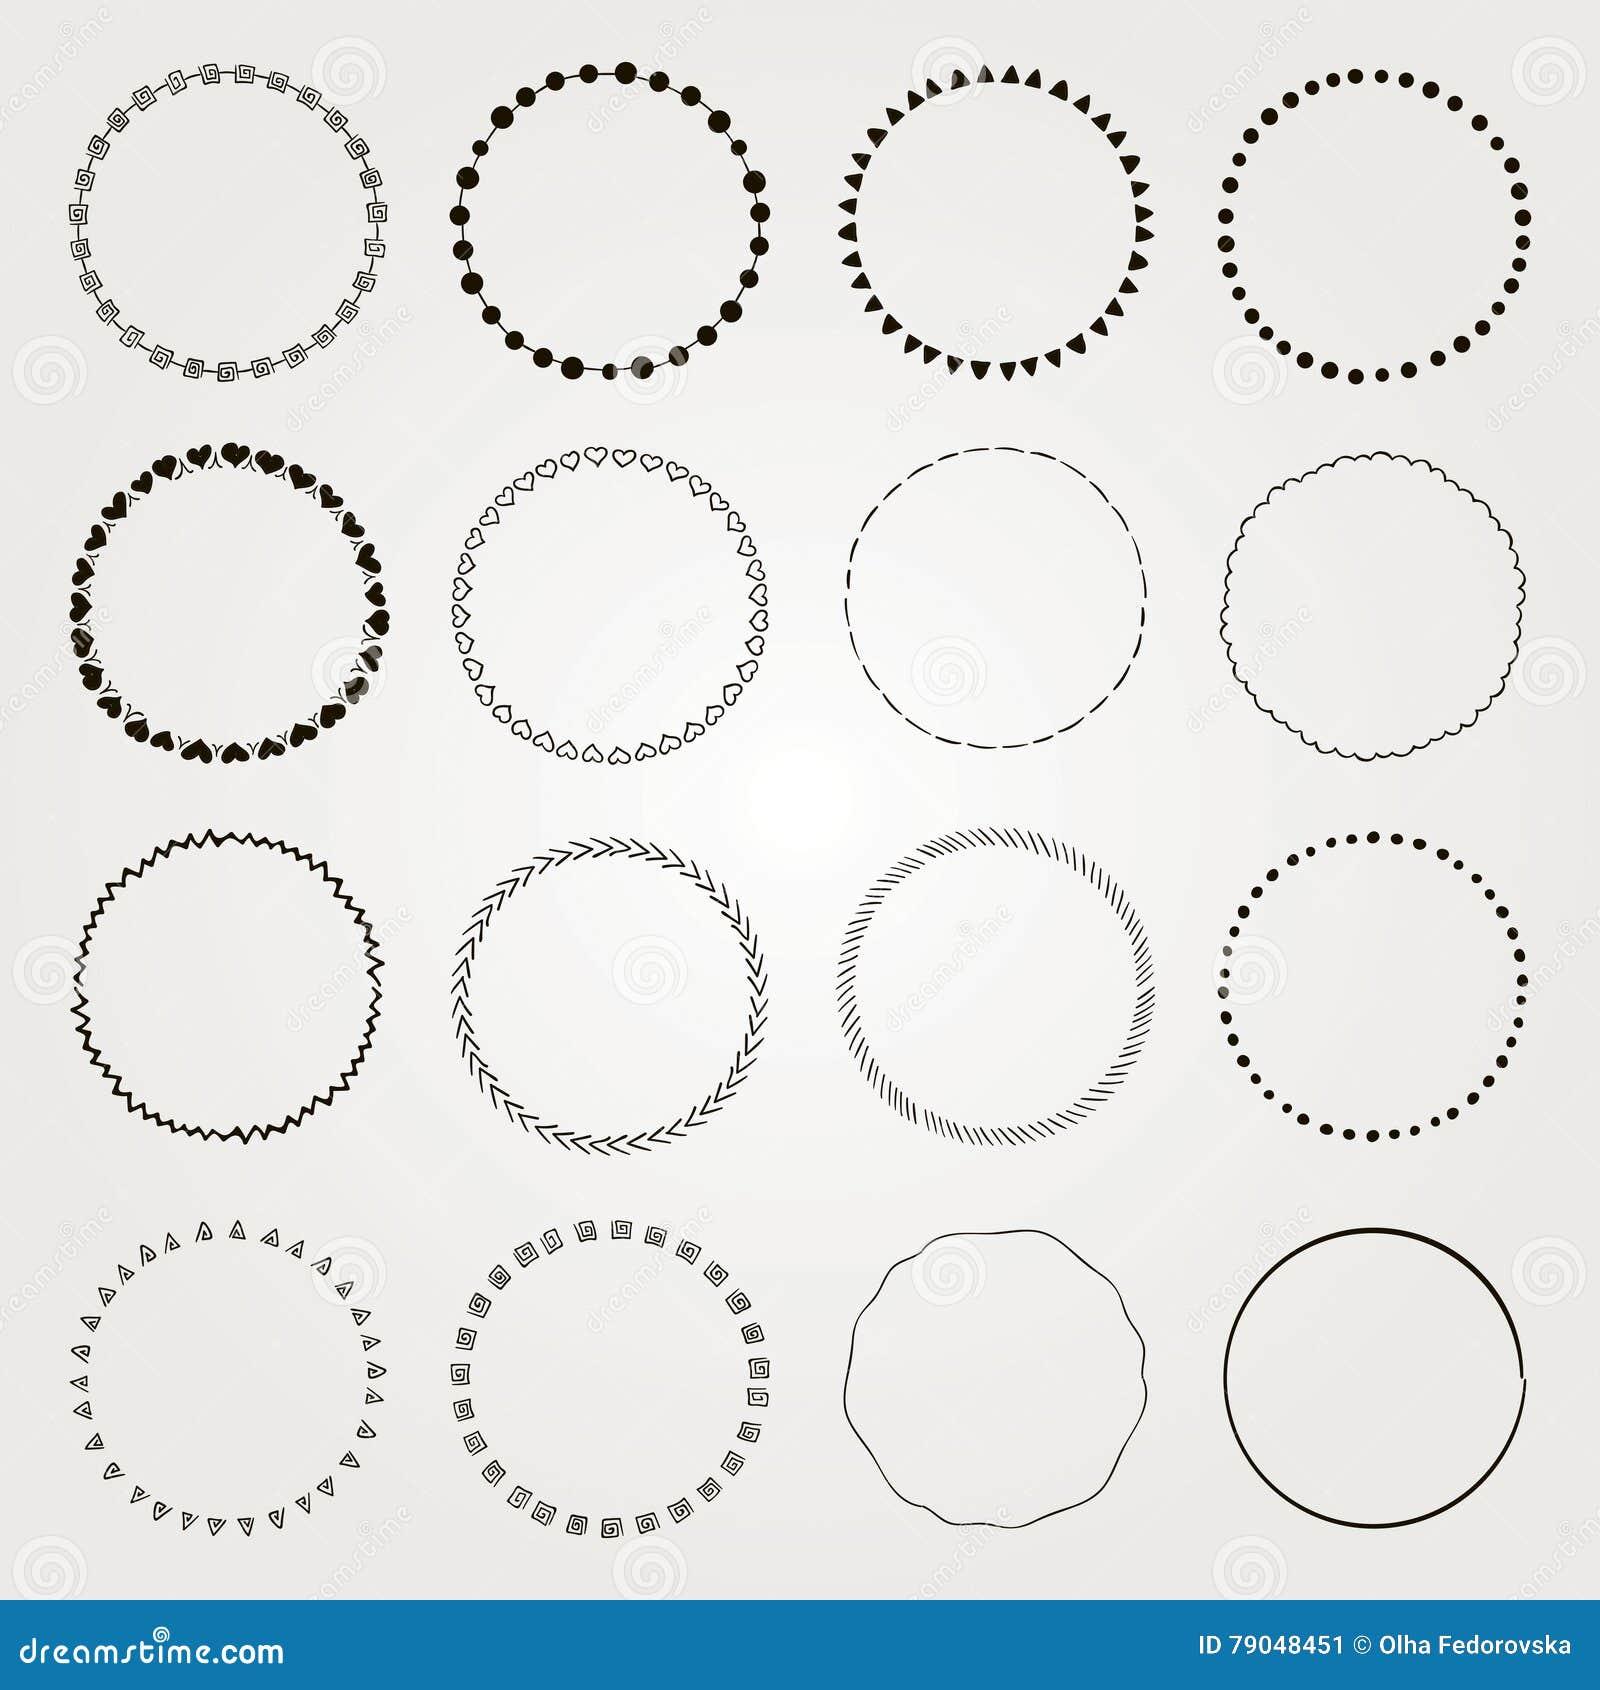 Vector Hand Drawn Circle Logo And Badge Elements Set